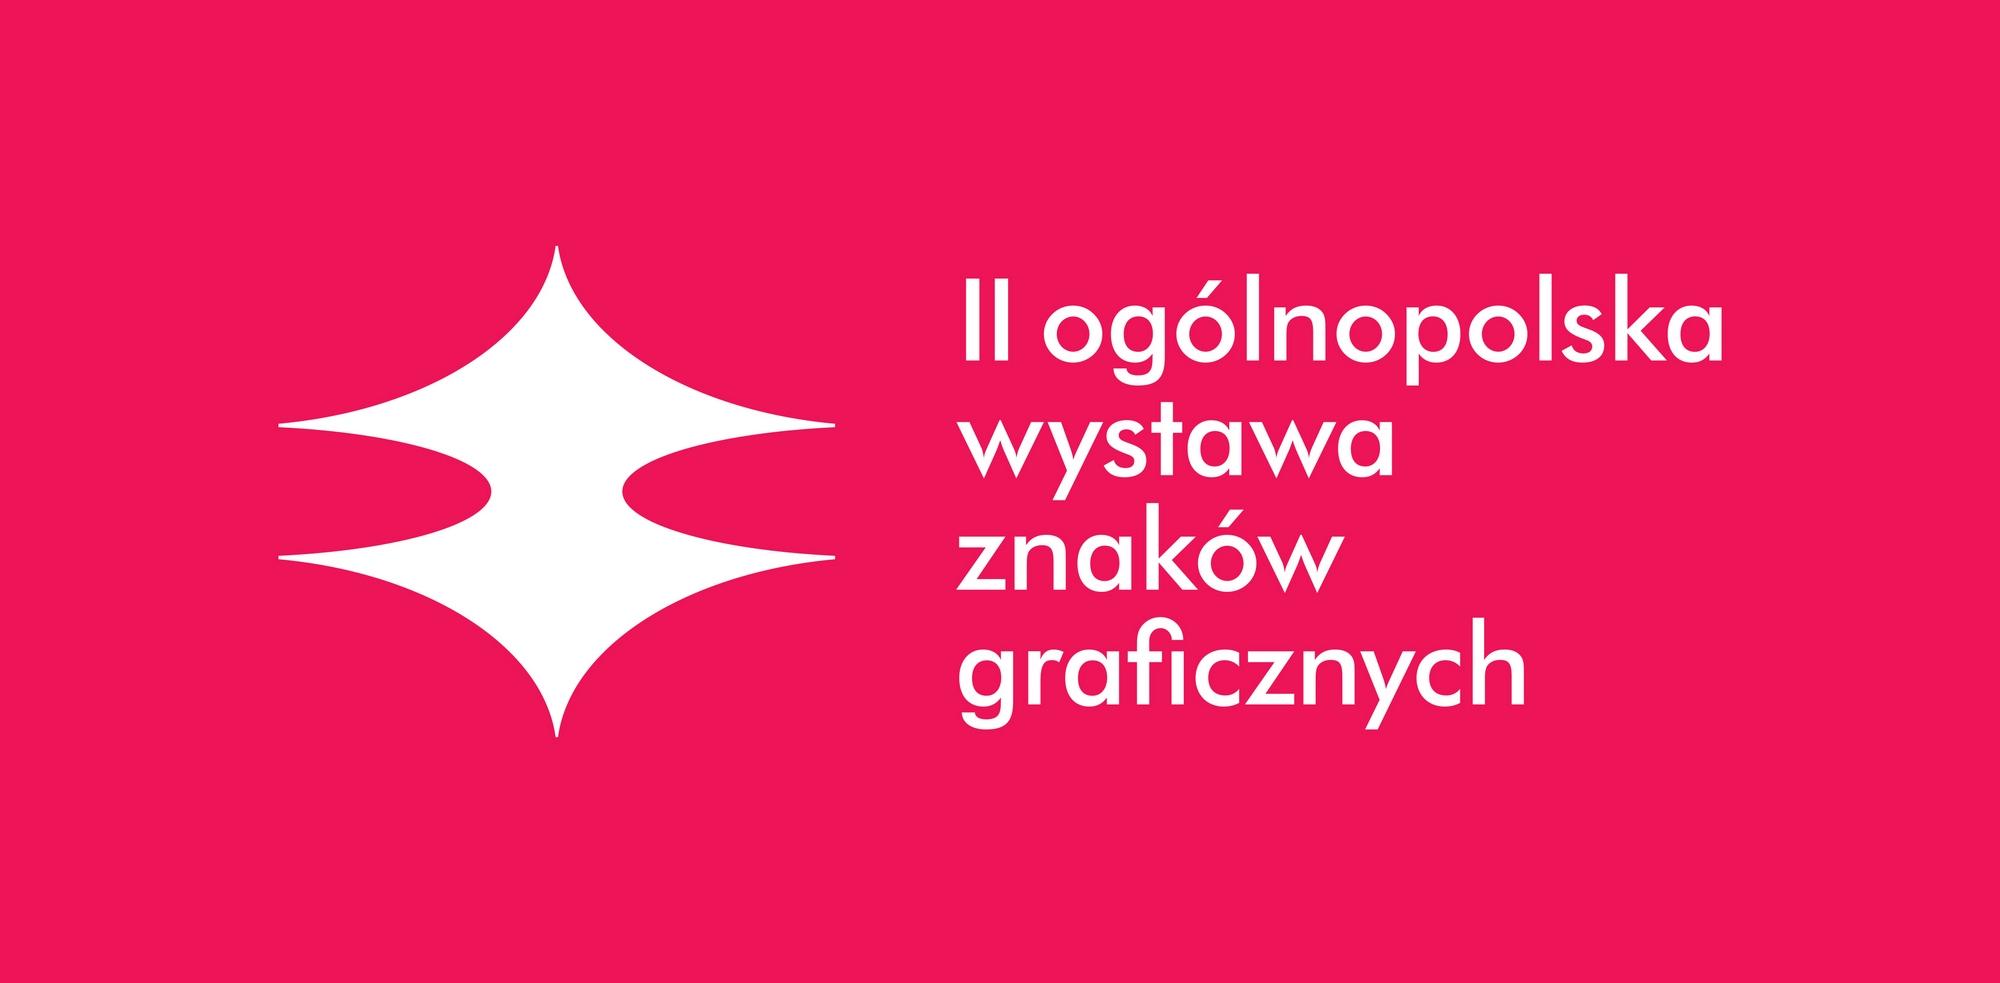 Druga Ogólnopolska Wystawa Znaków Graficznych – logo (źródło: materiały prasowe organizatora)